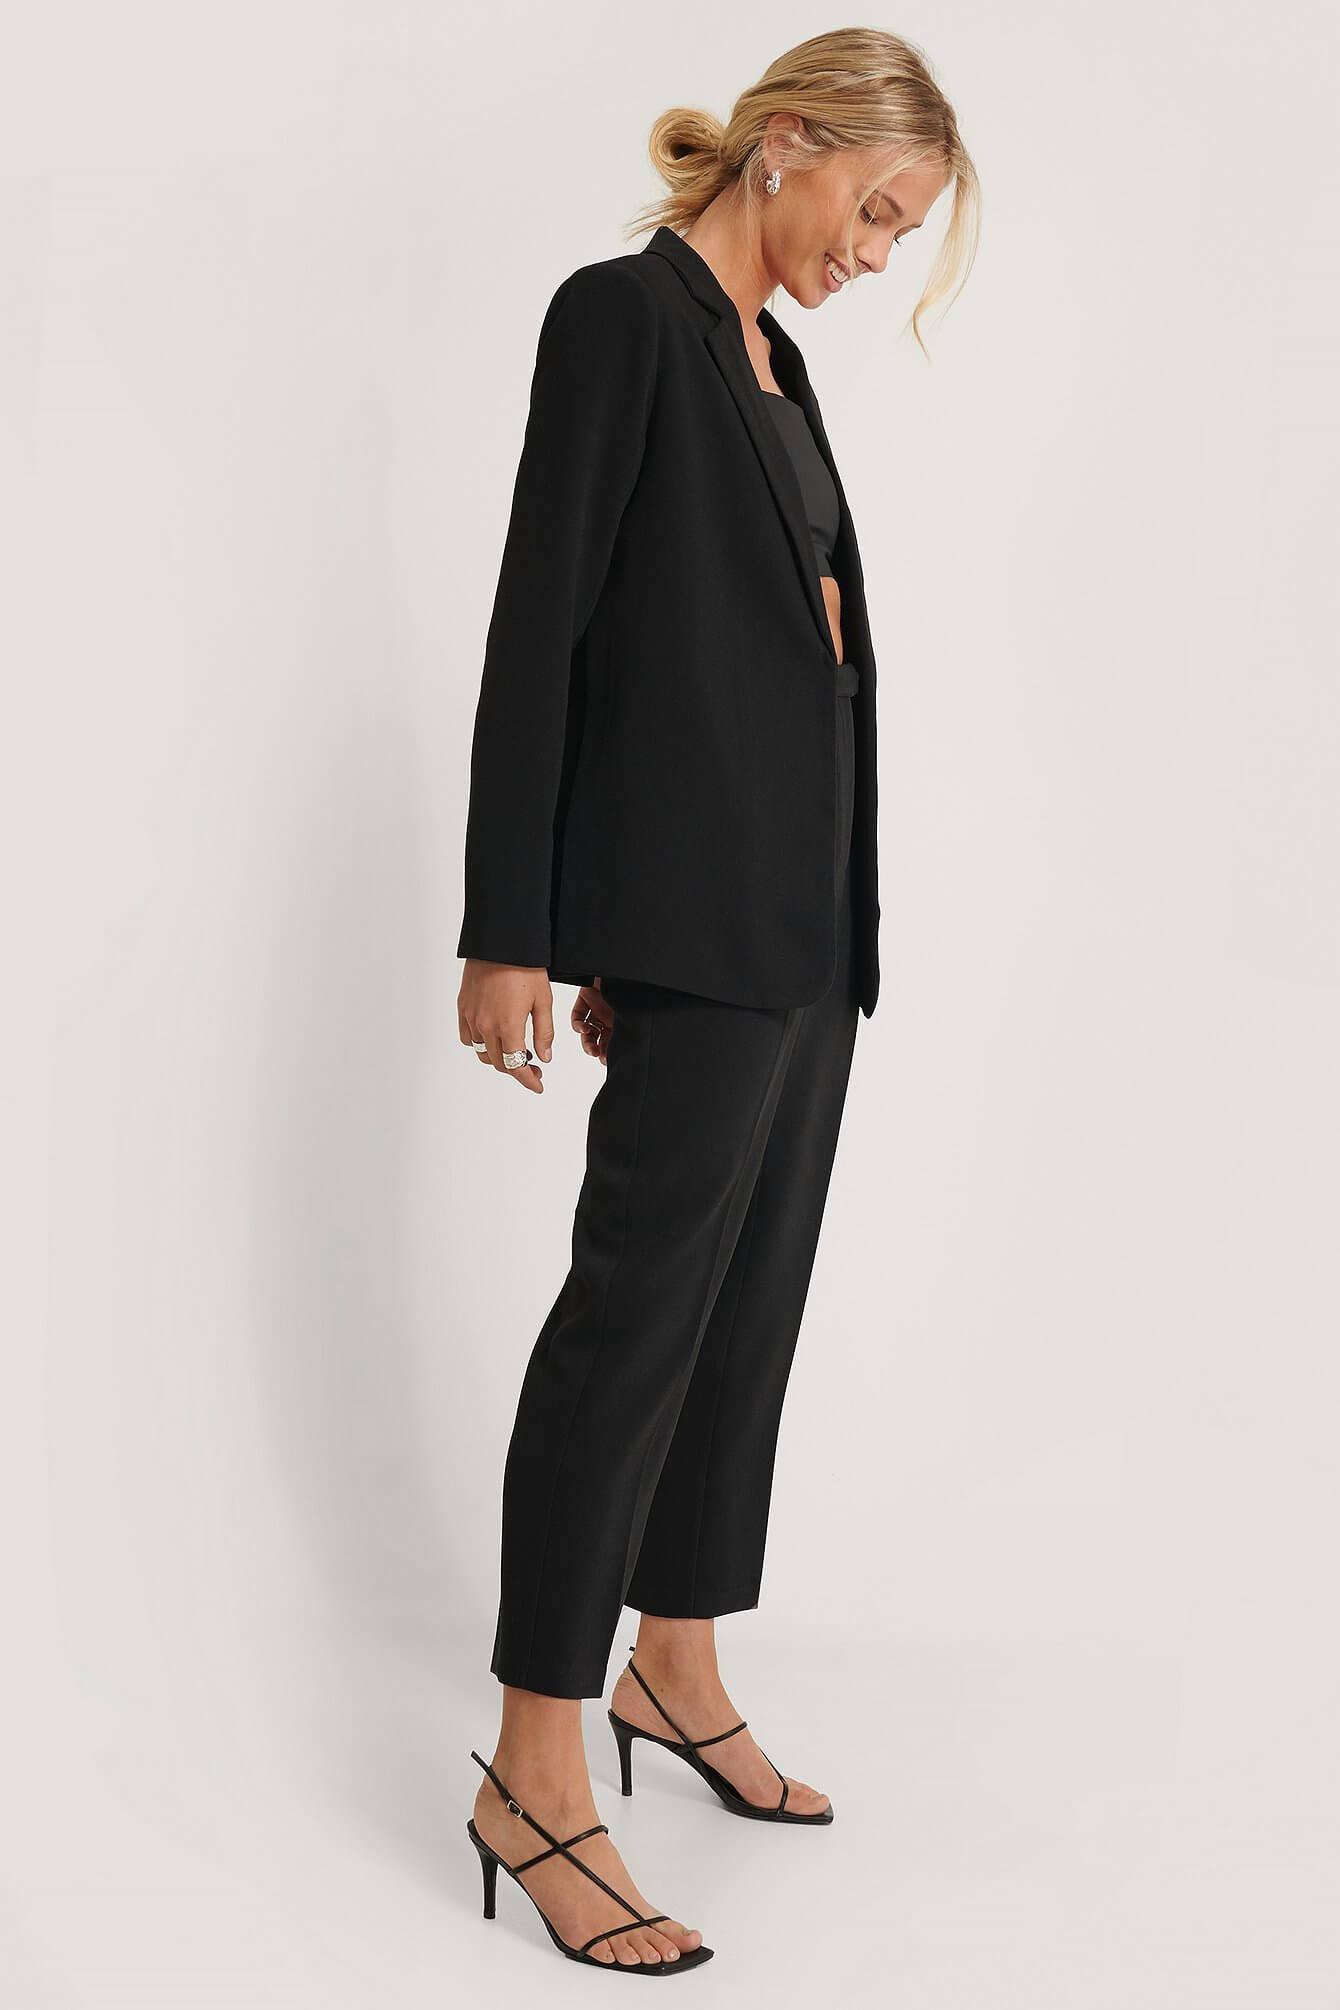 Svart kostym för kvinnor